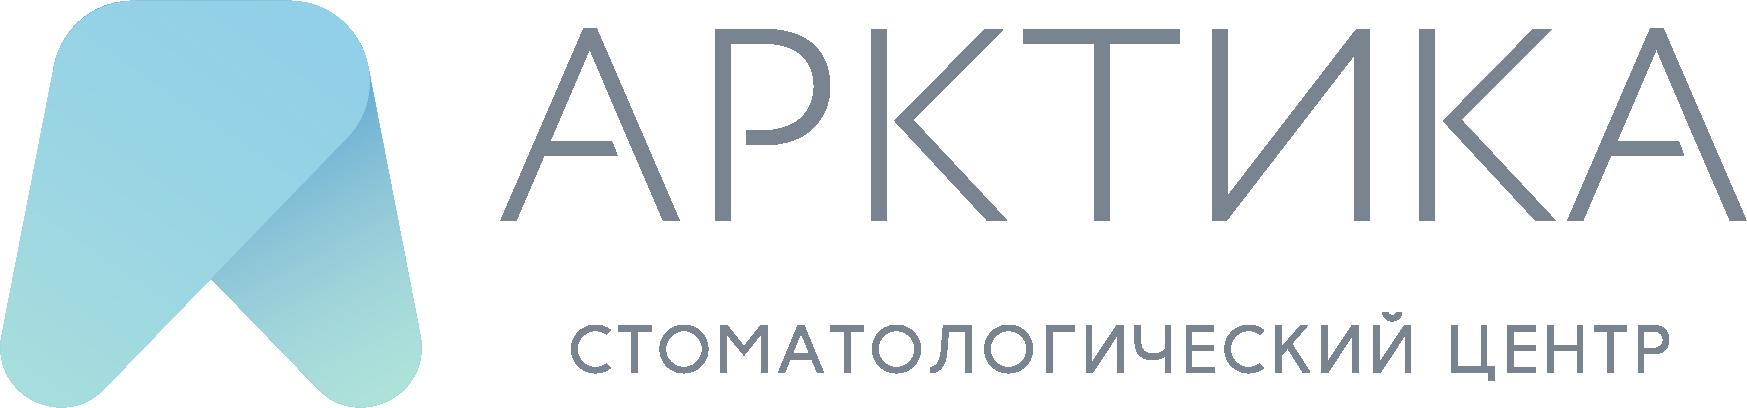 Стоматология Арктика в Подольске